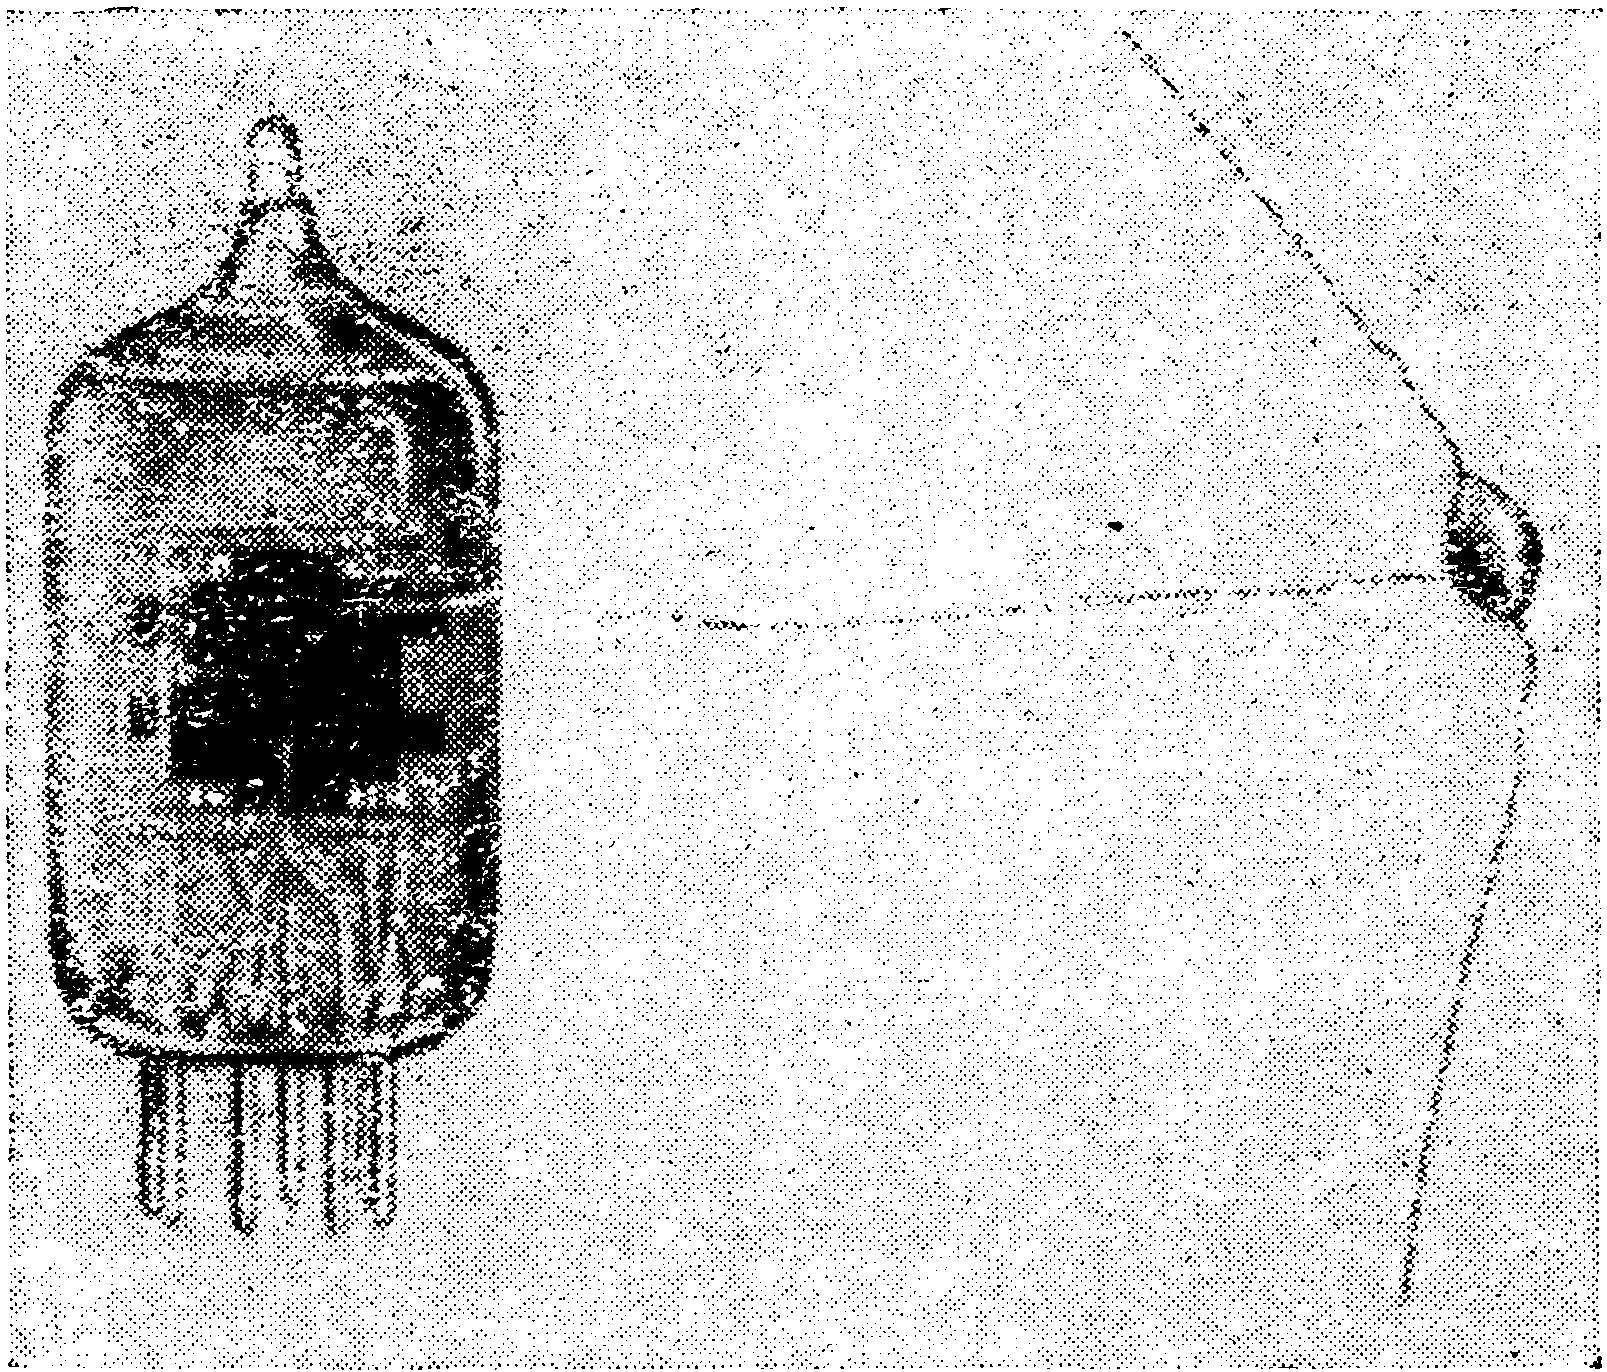 Первый транзистор в космосе: малоизвестные аспекты космической гонки - 2